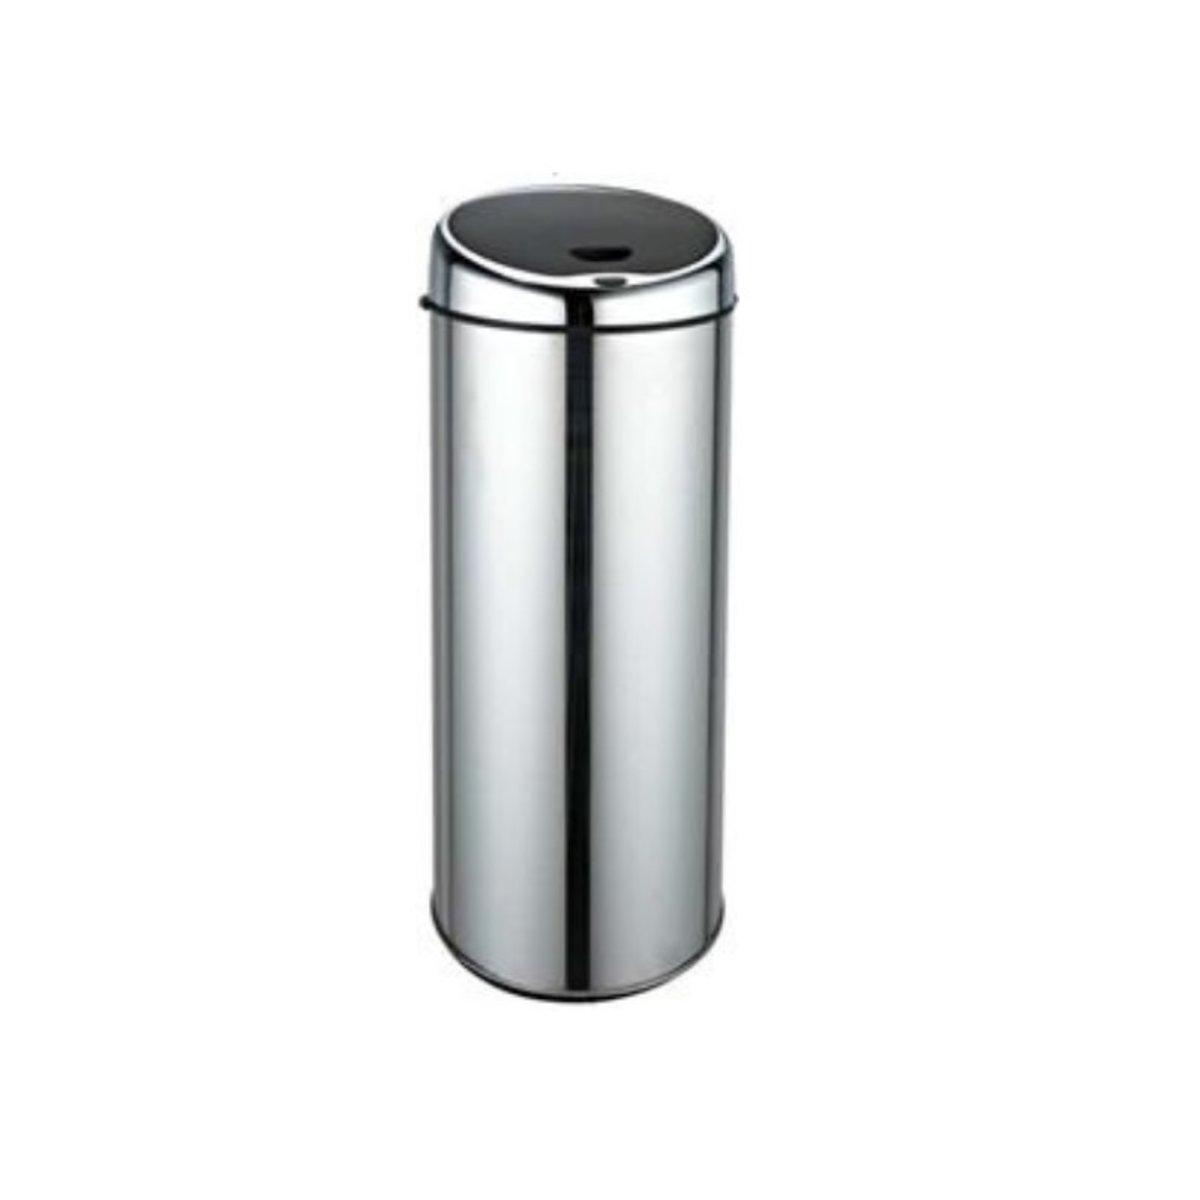 Automatic open/close rubbish bin, 18L